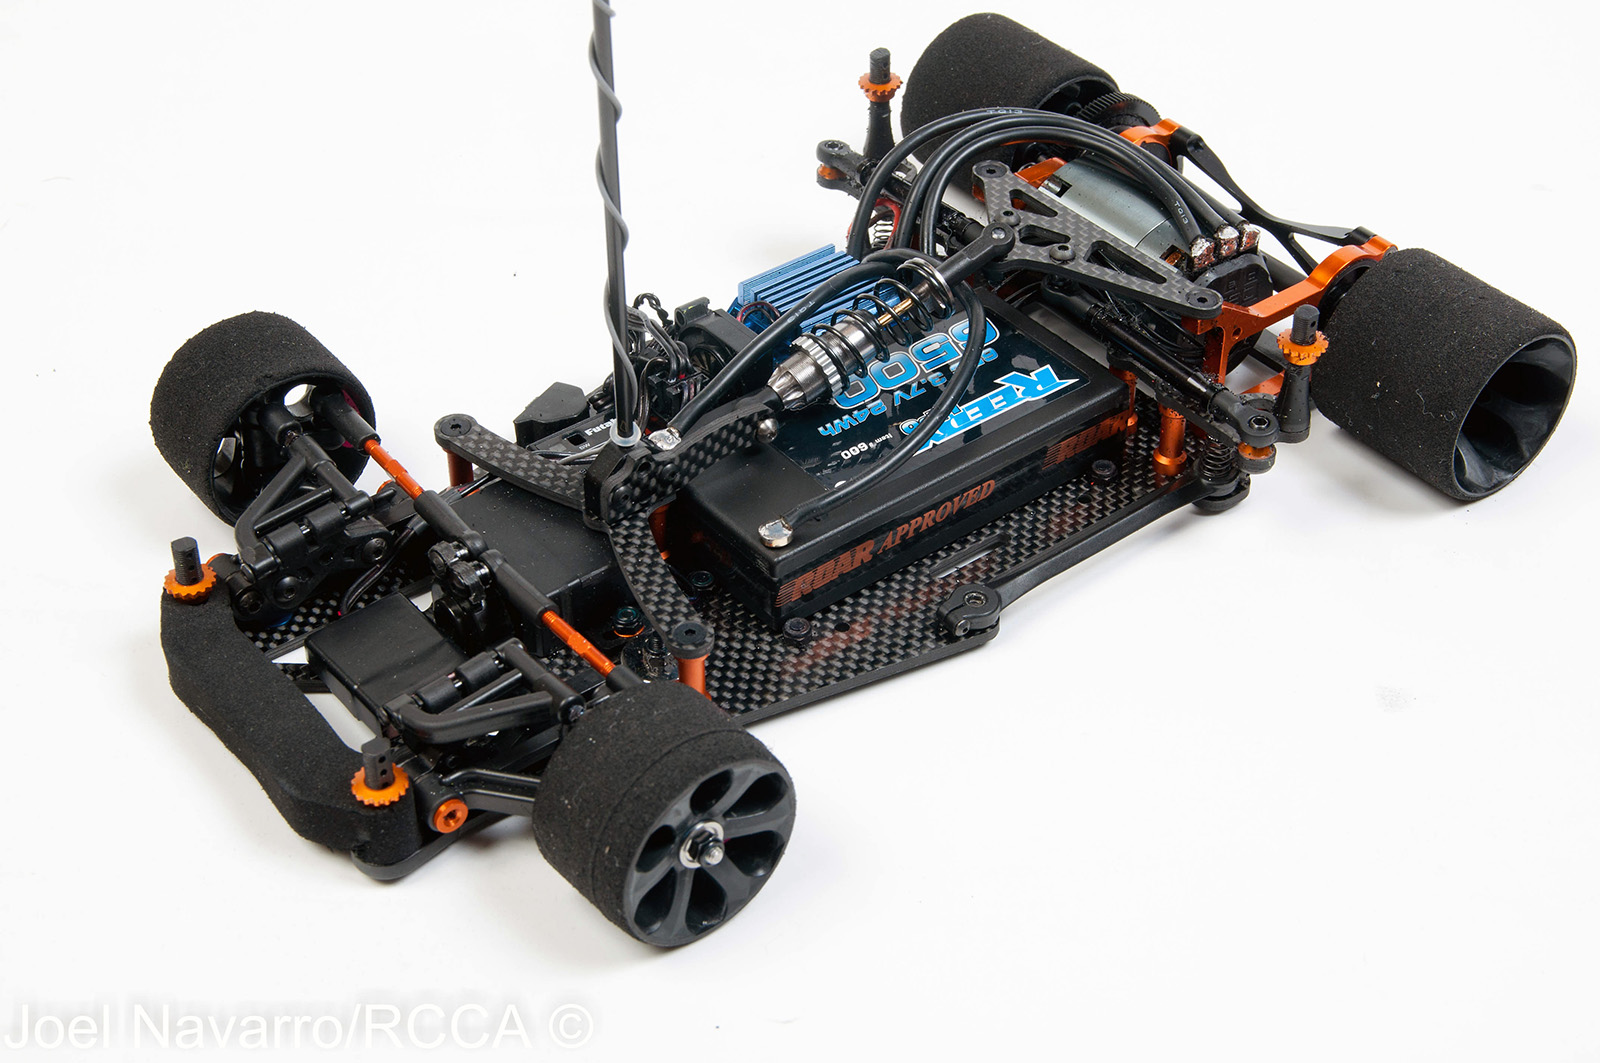 Onpoint Racing Op12c